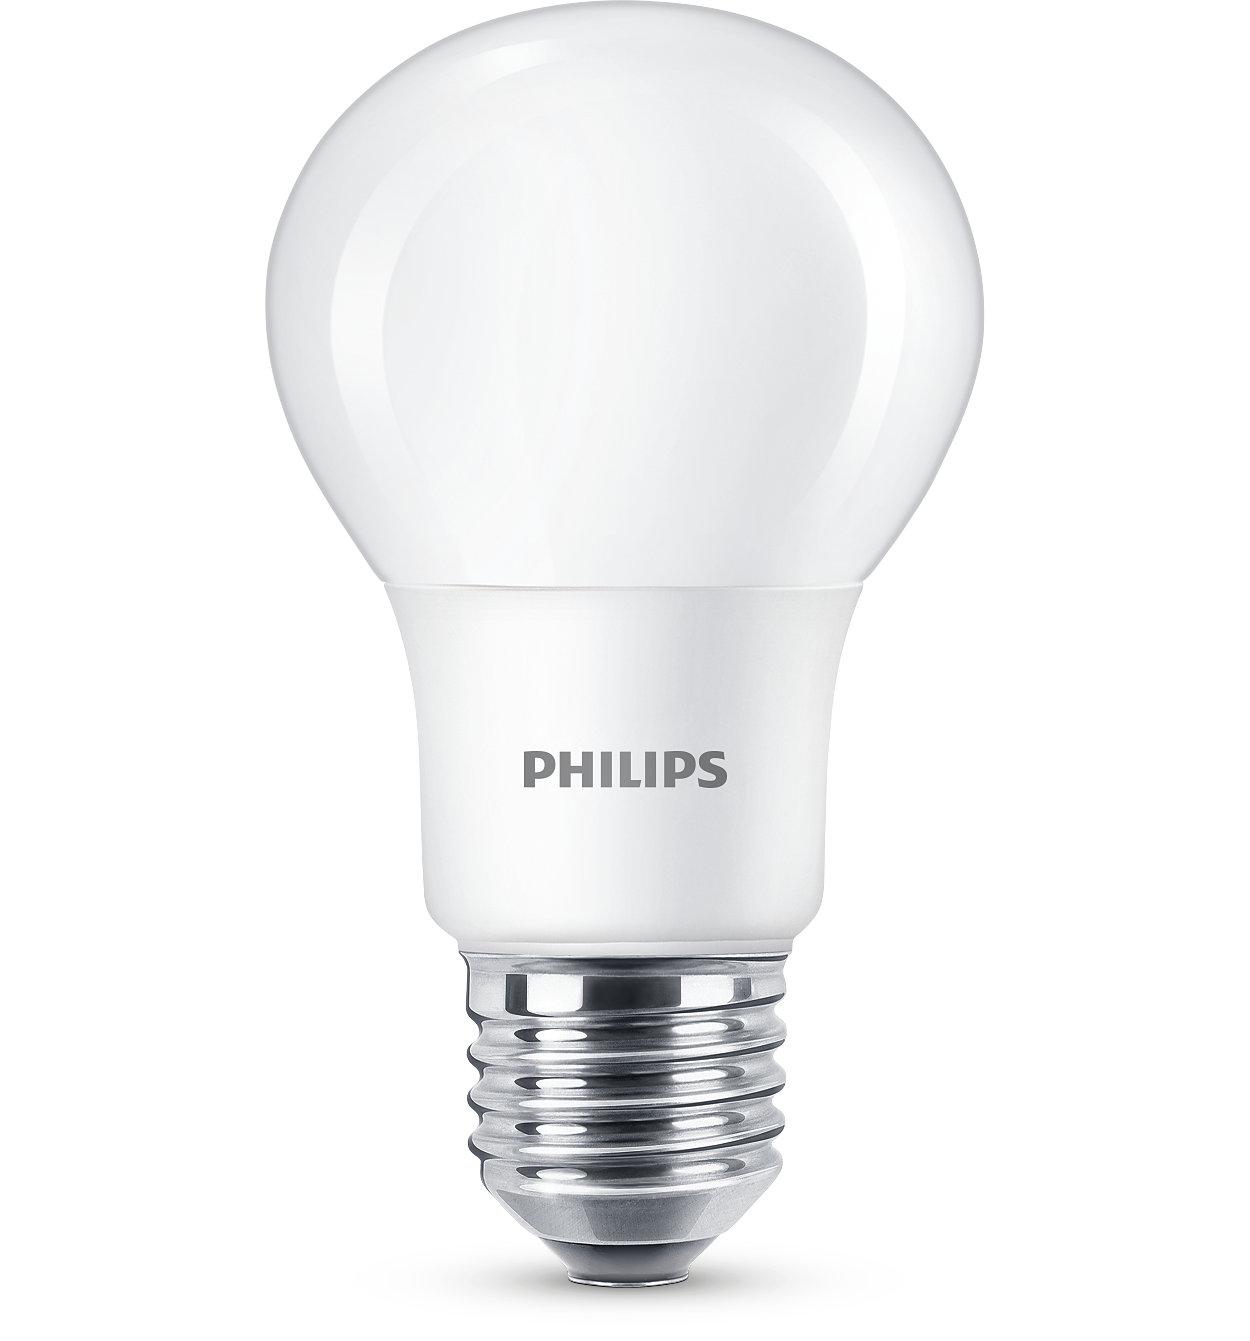 Ryškus šviesos diodų apšvietimas, puiki kokybė